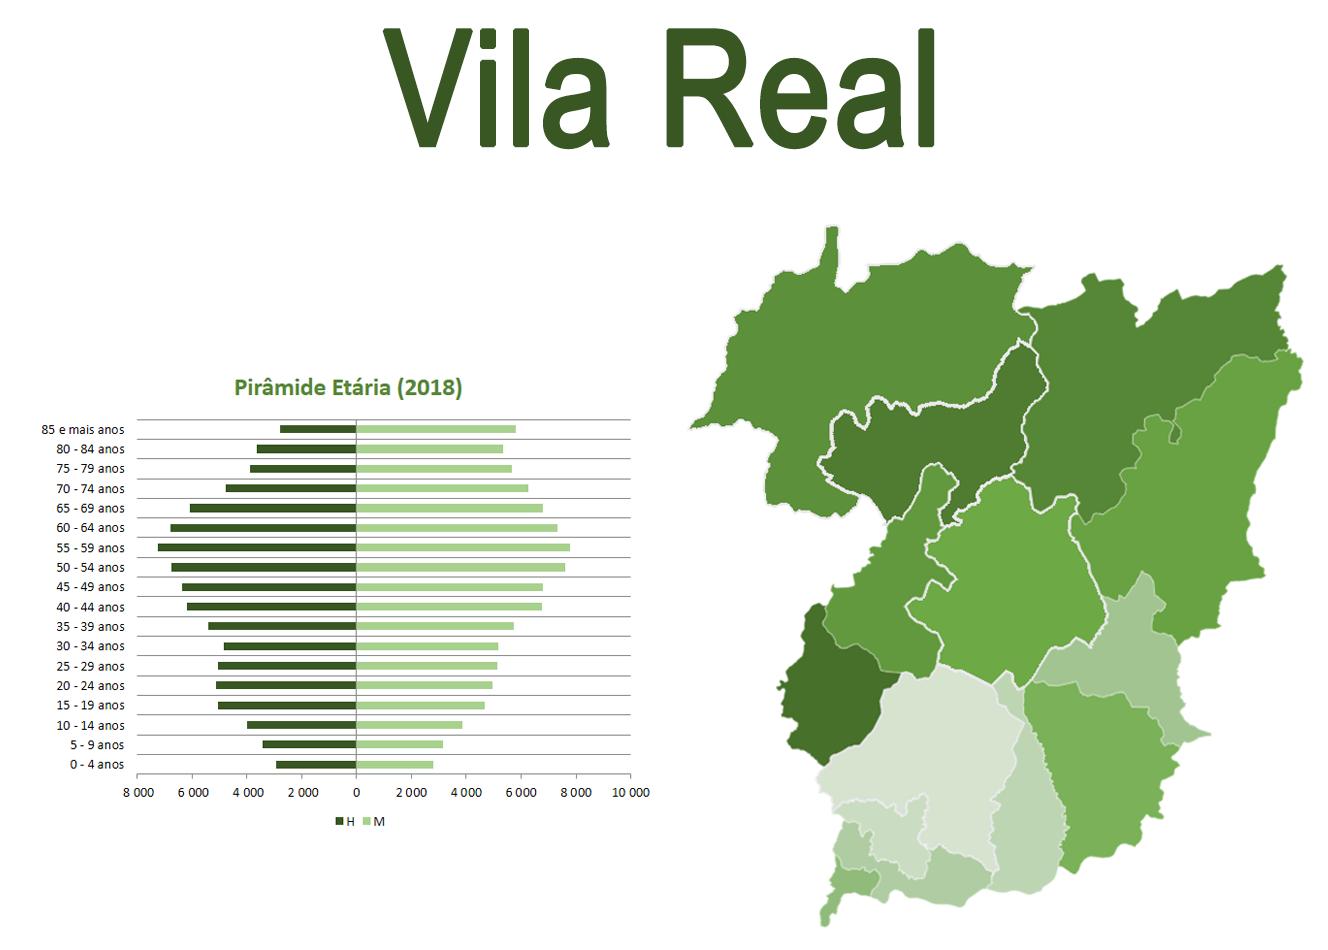 Mapa e Pirâmide etária para o distrito de Vila Real